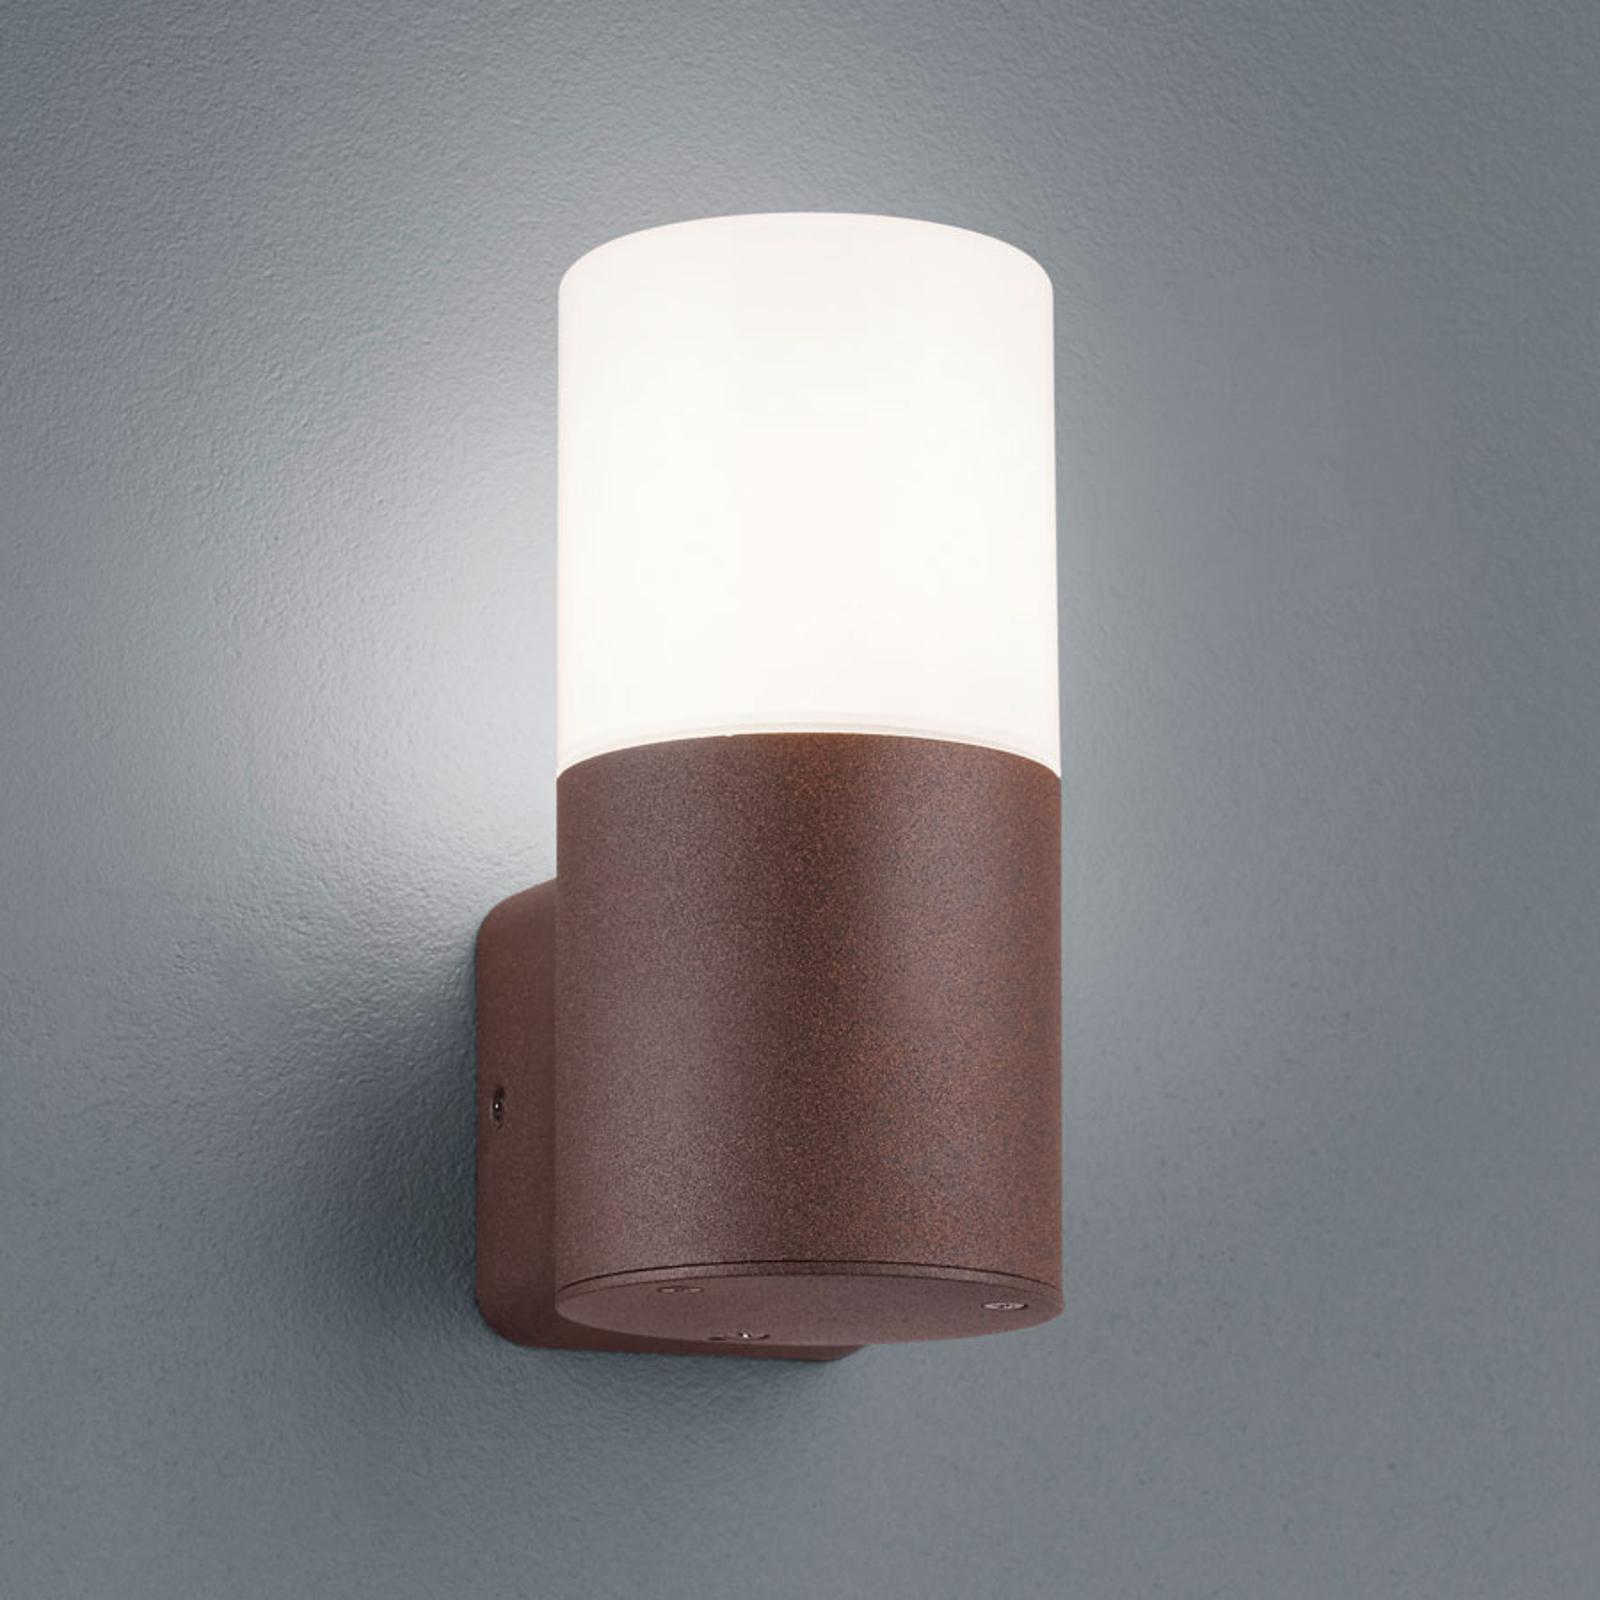 Utomhusvägglampa Hoosic 1 lampa